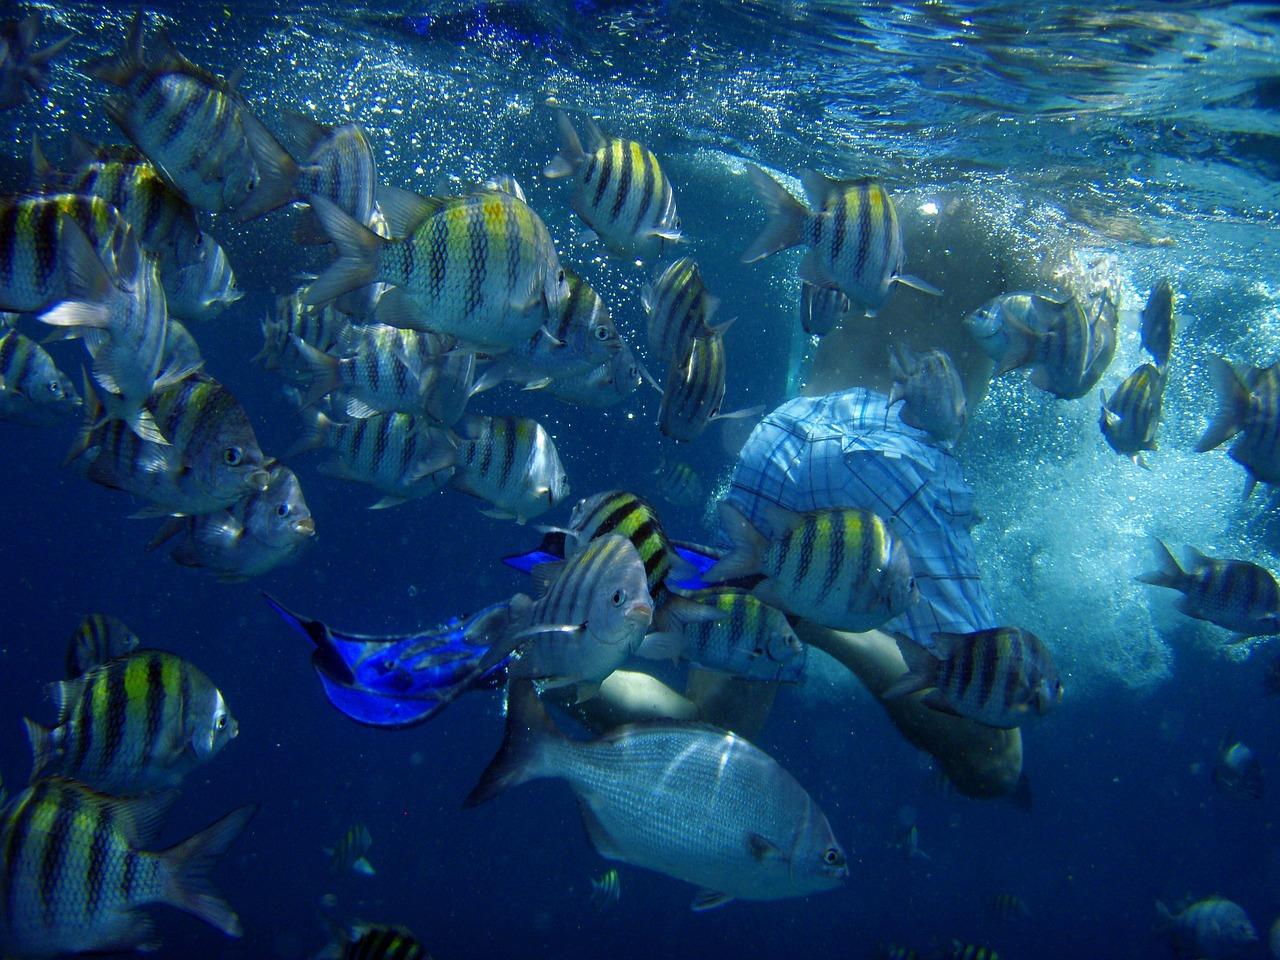 跳水,水下,鱼,海,游泳,男子,散热片,阿鲁巴,加勒比,小安